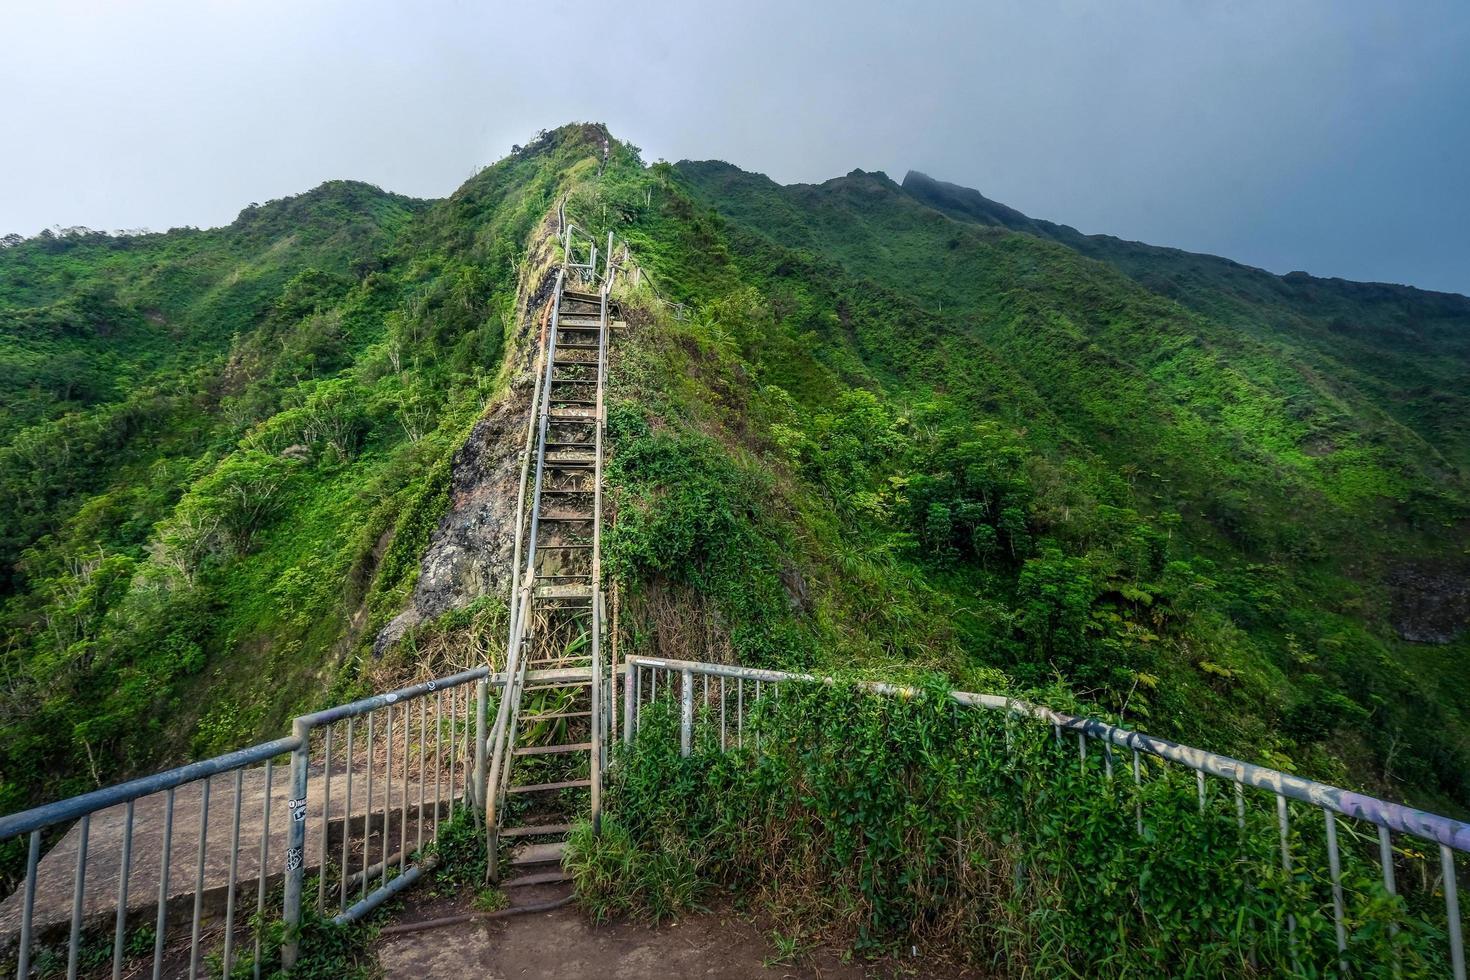 lunga scala di legno che va alla vetta della montagna foto